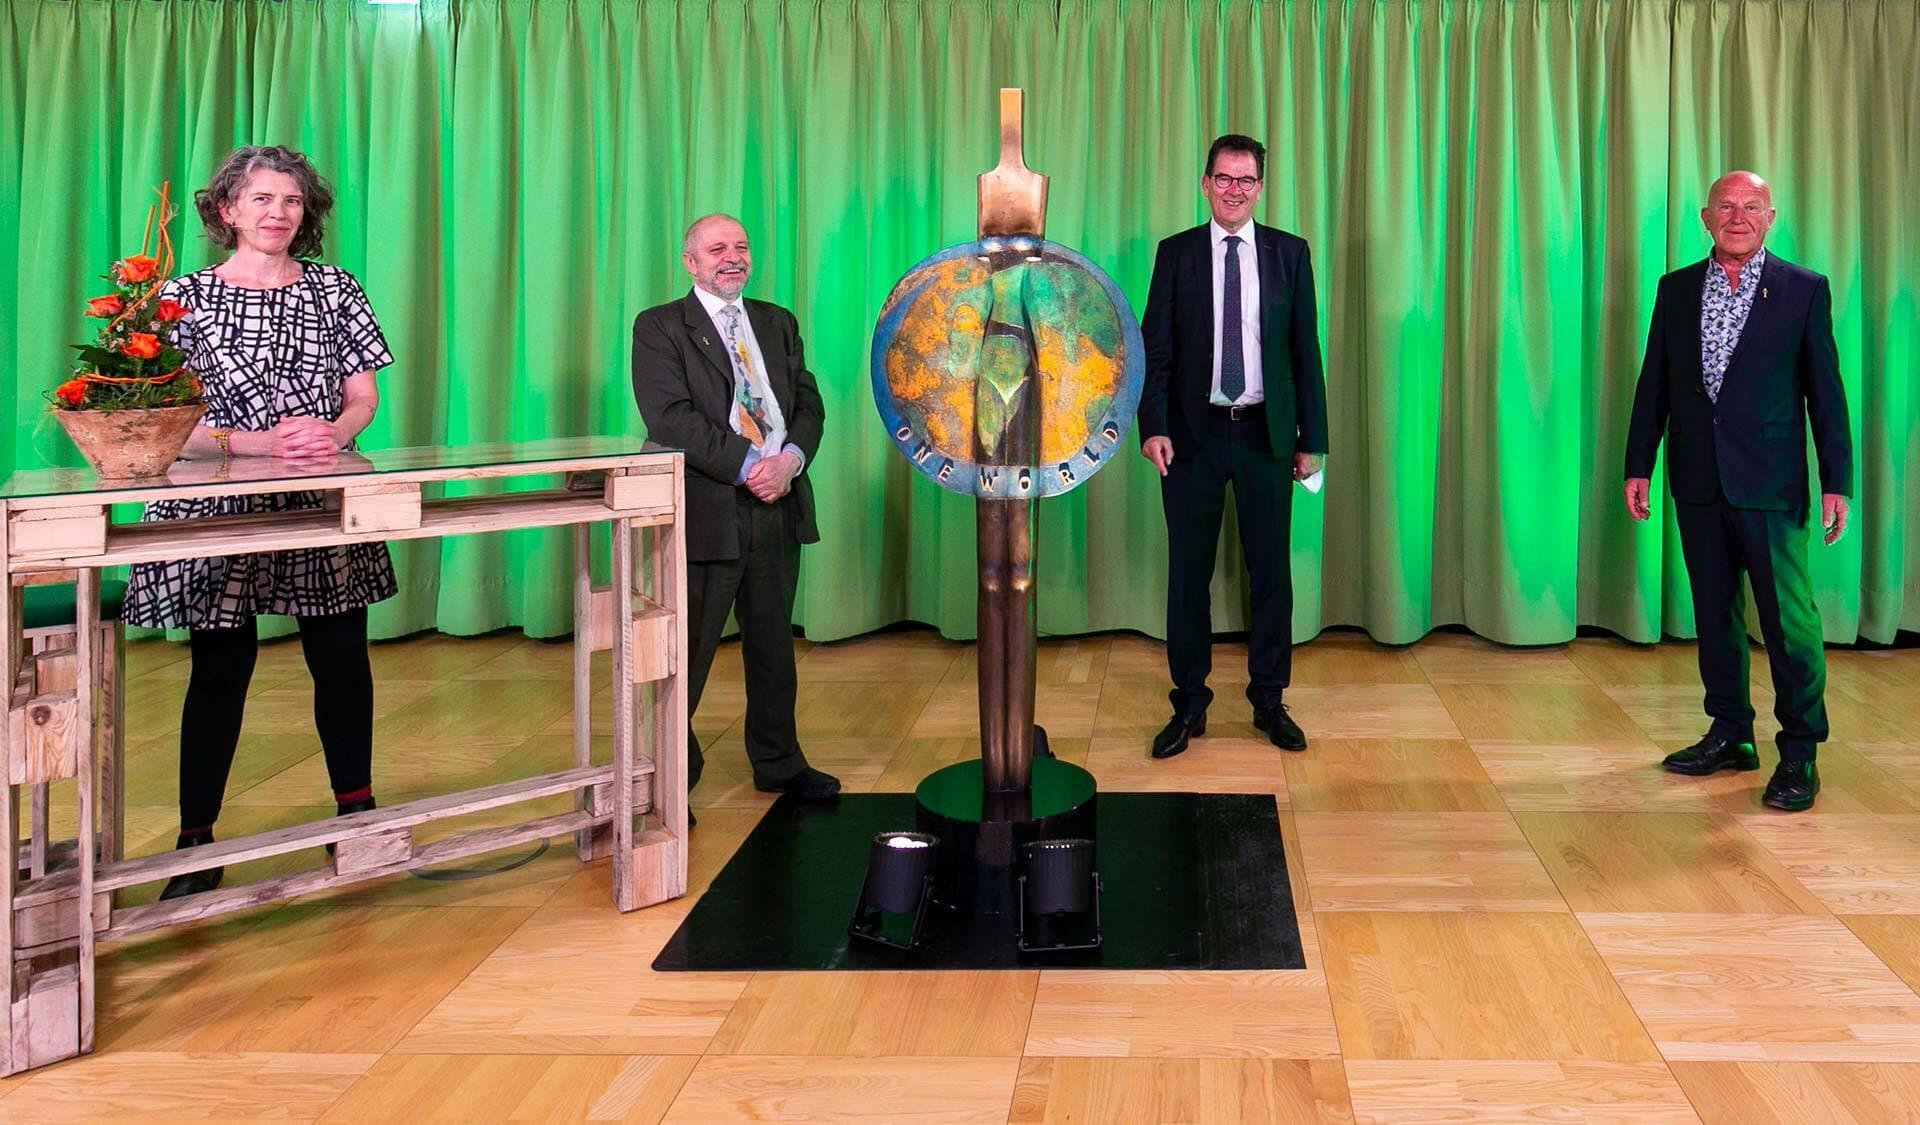 Bühne der Verleihung des One World Awards